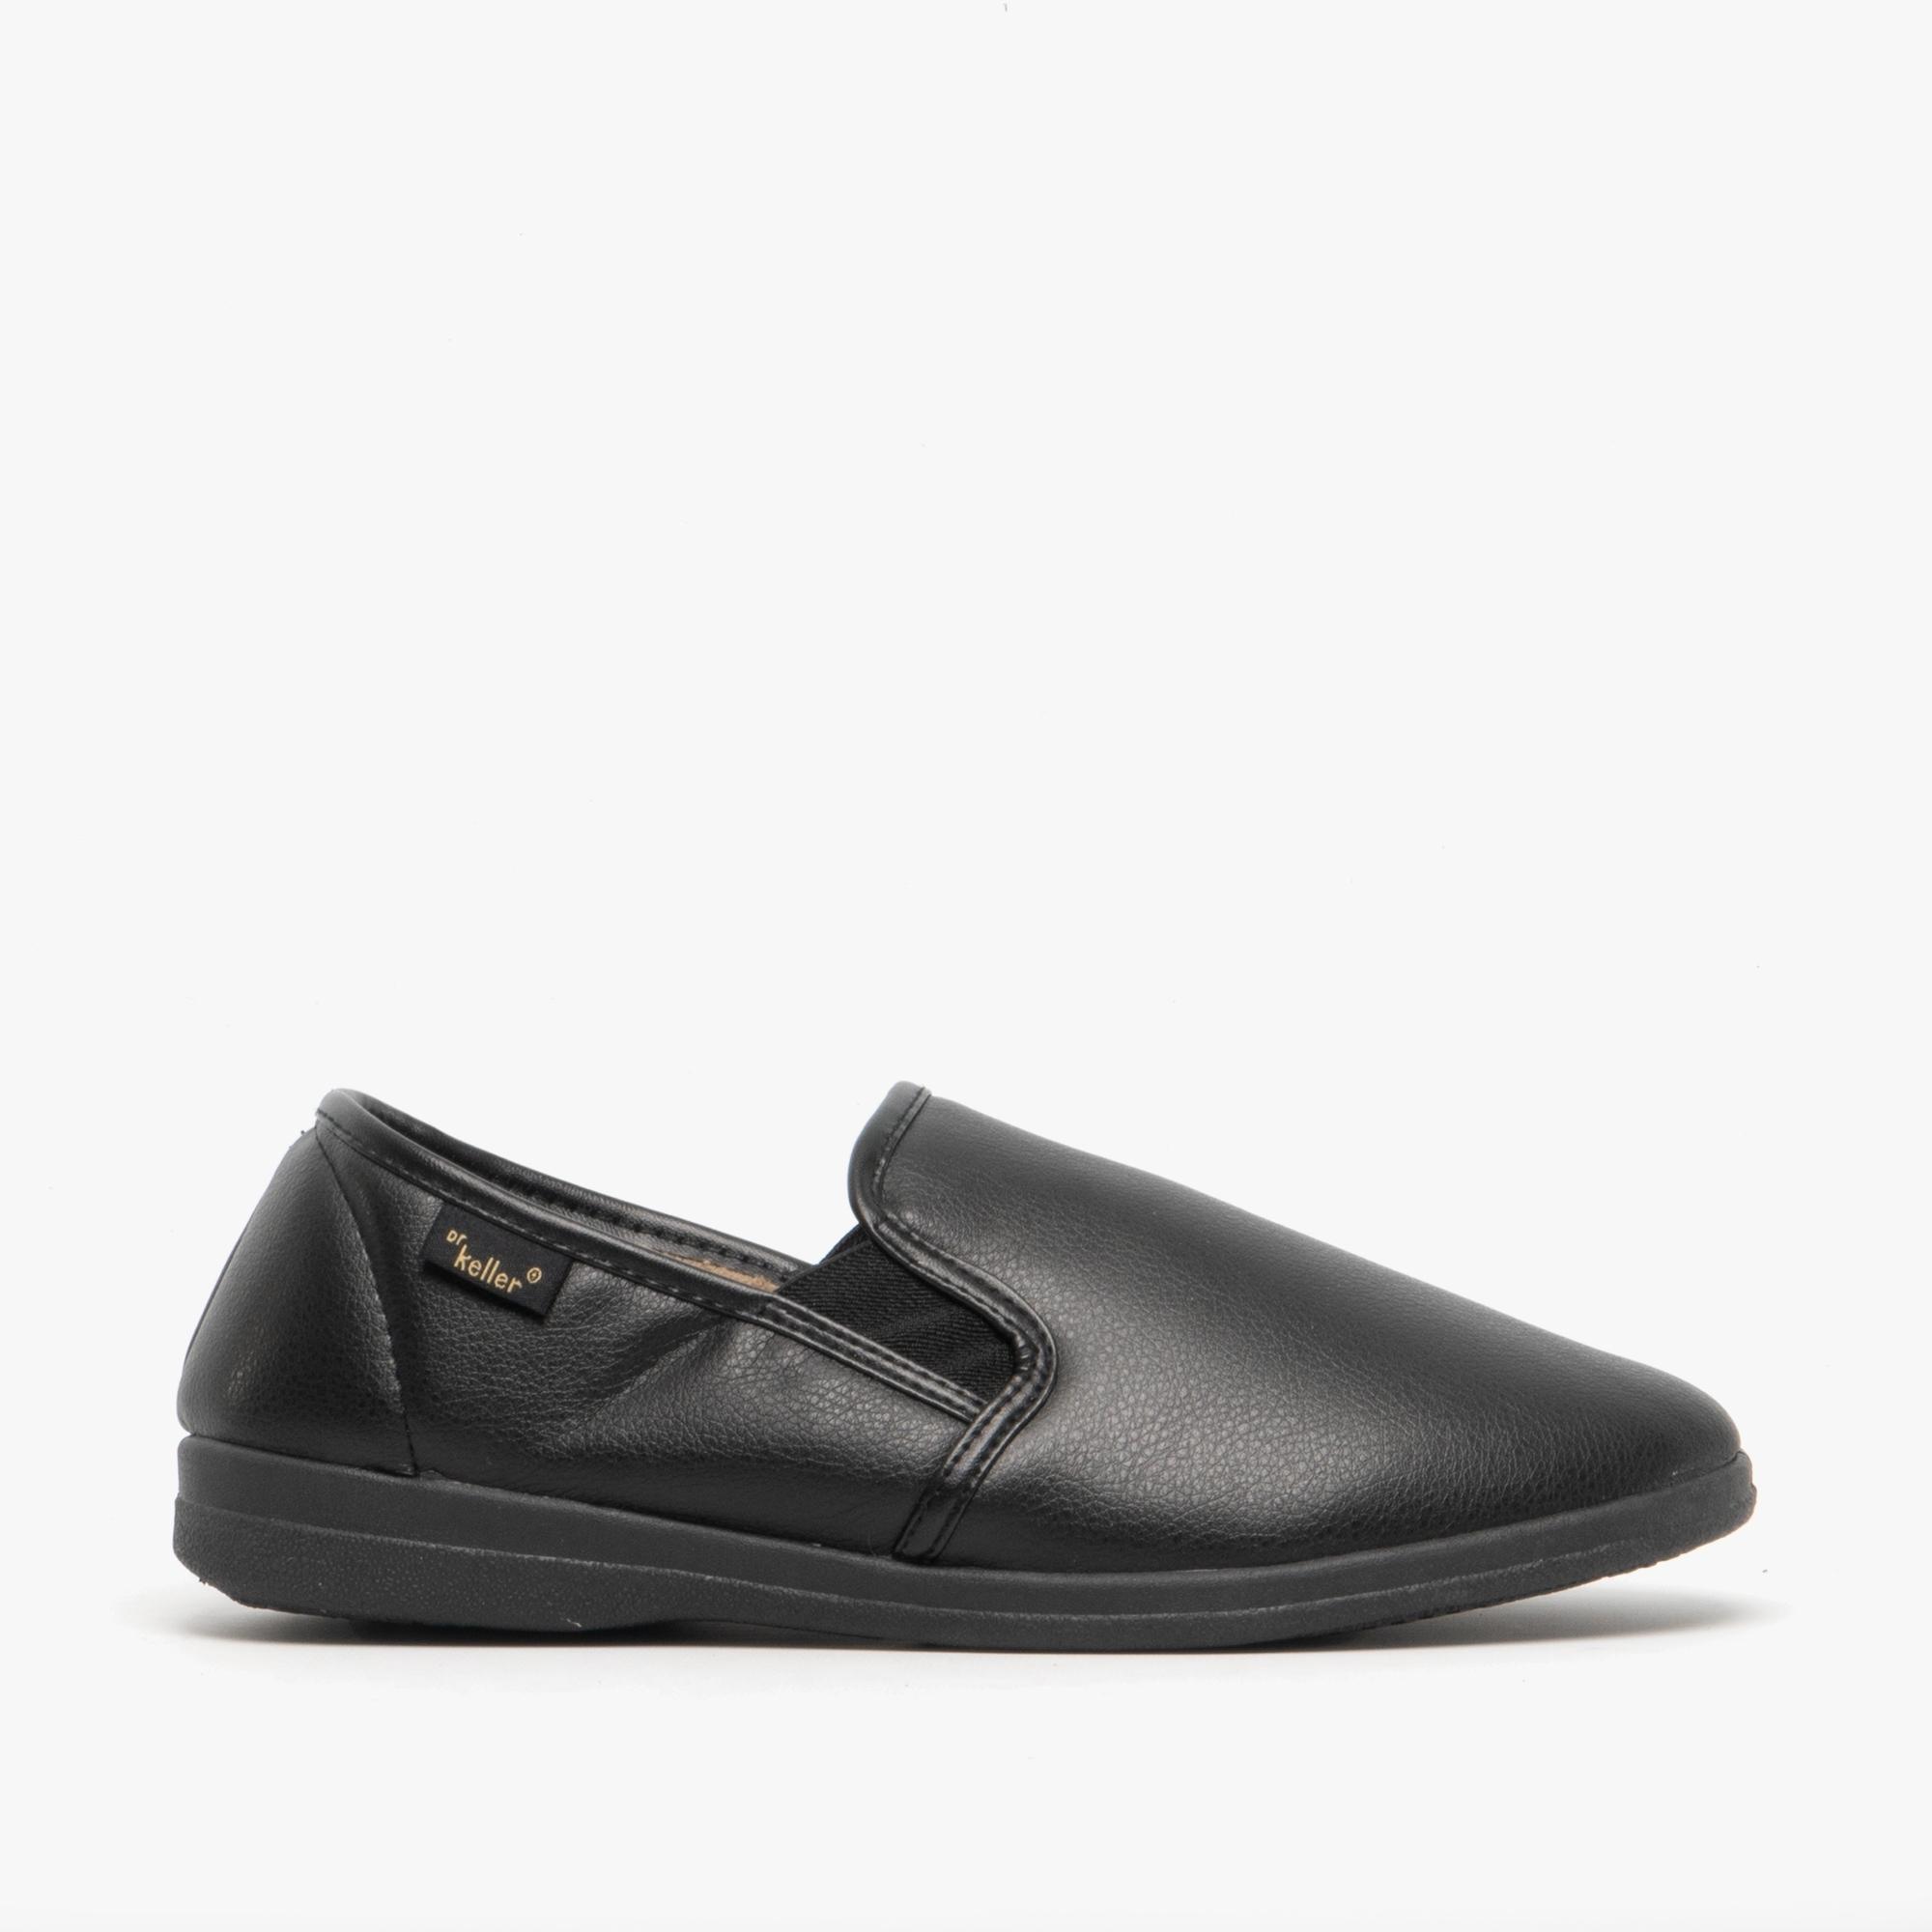 Dr Keller Mens Leather Wide Fit Sandal